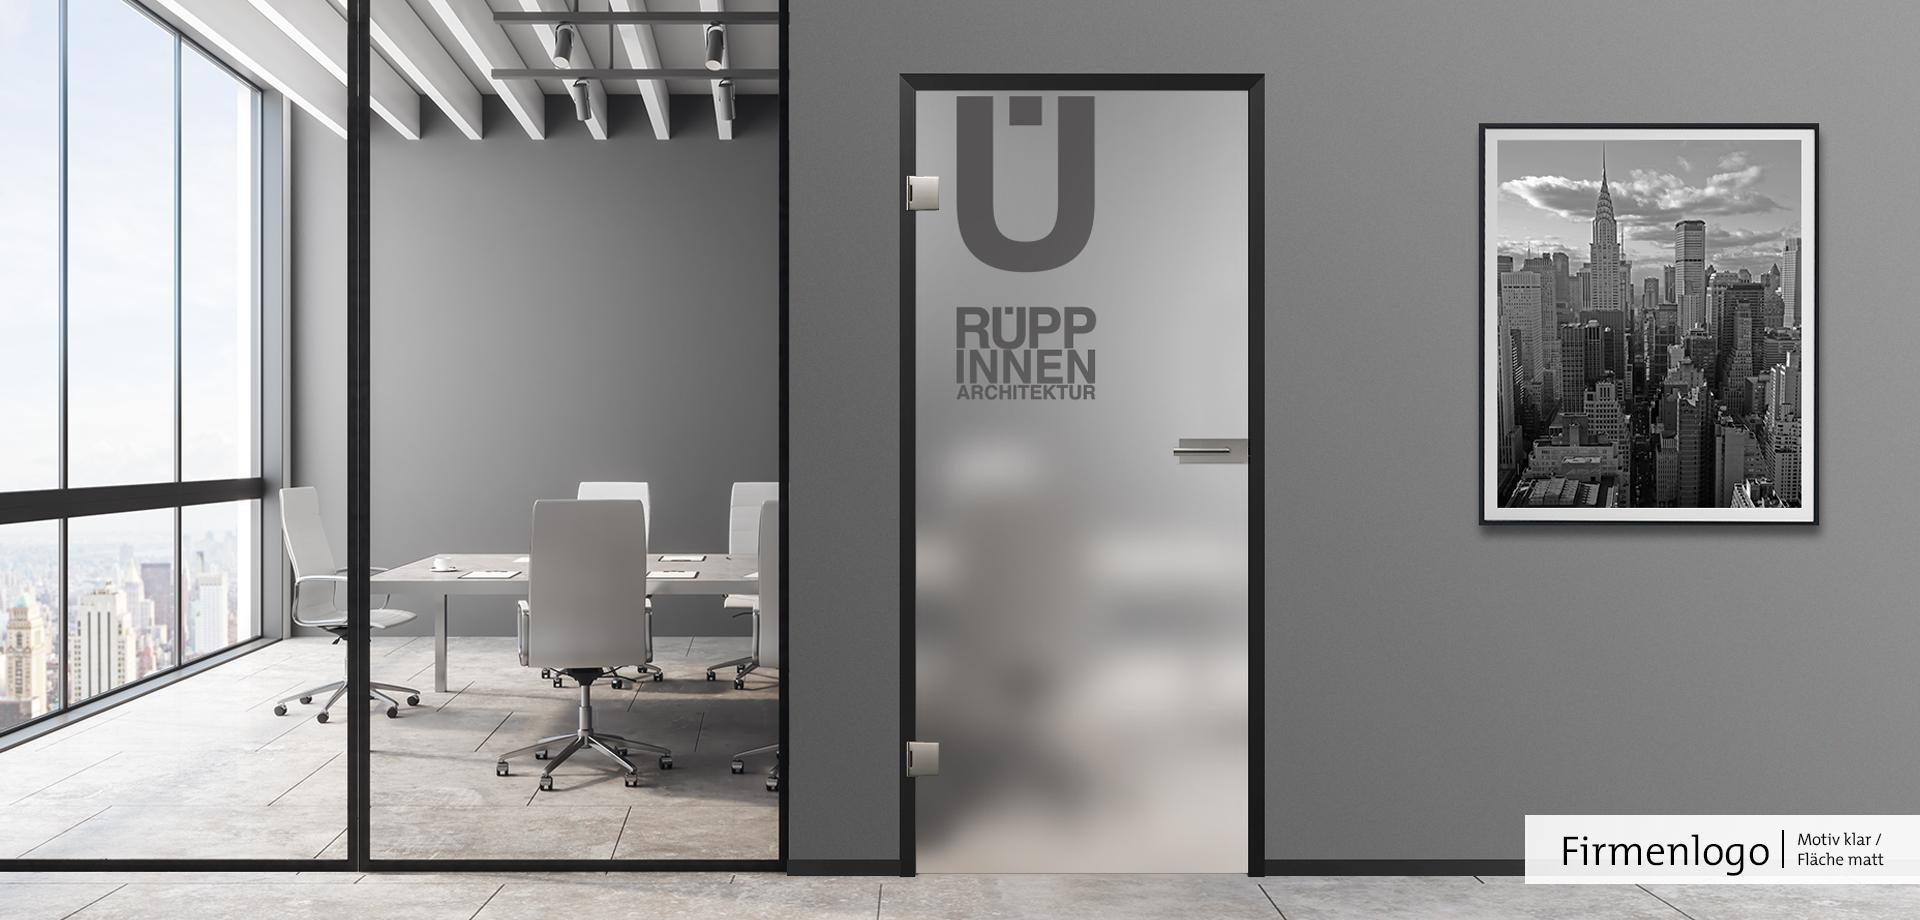 Firmenlogo Rüpp